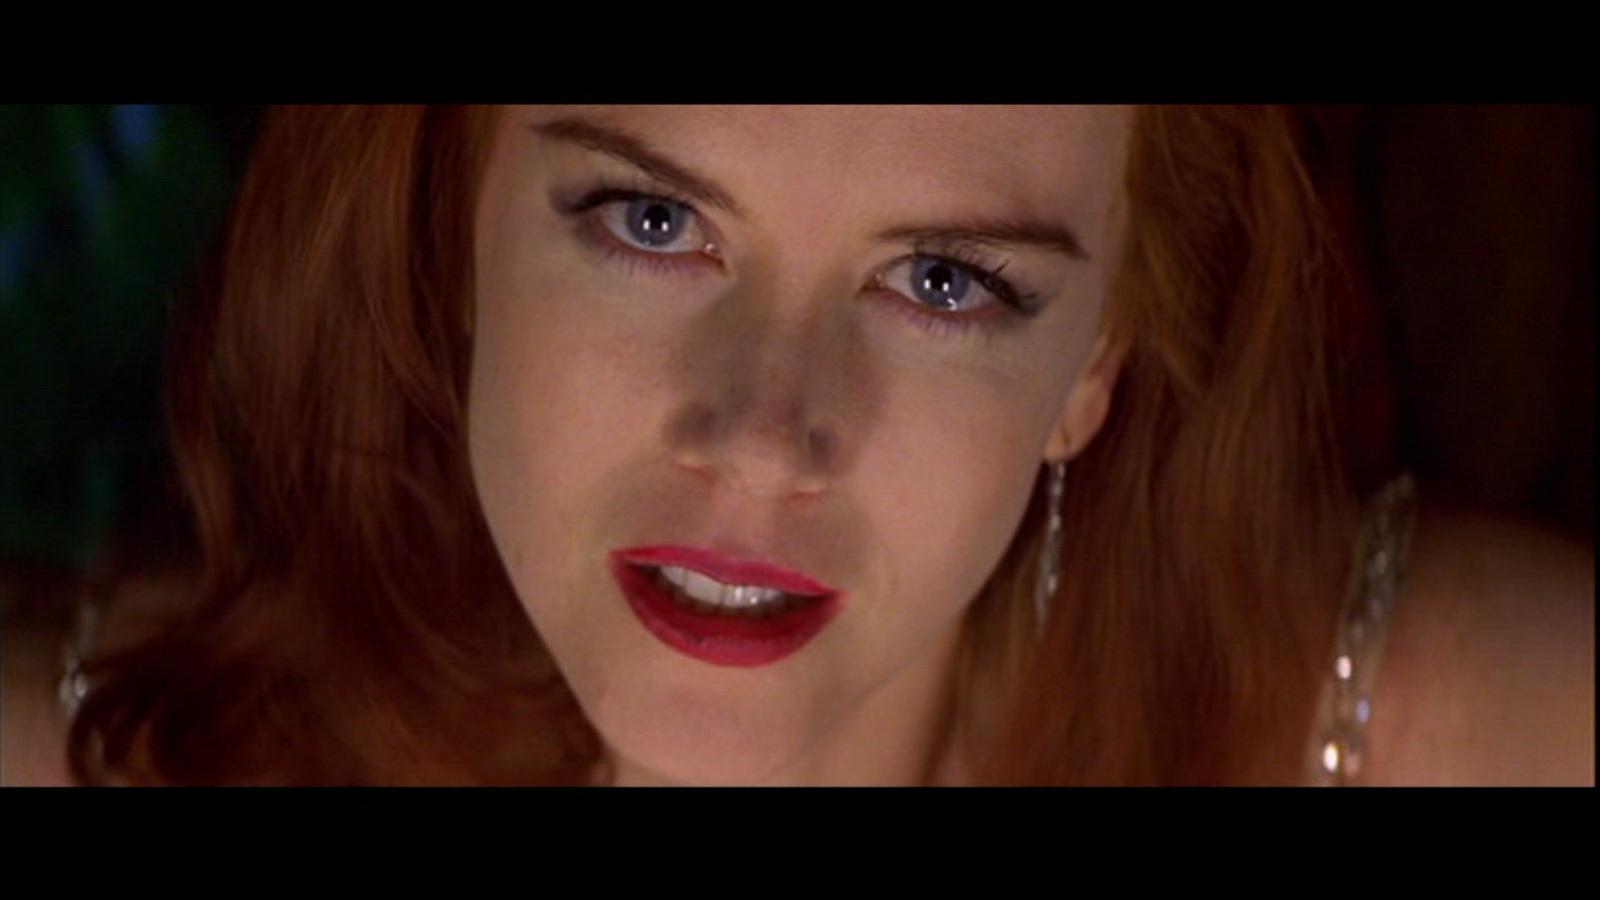 Moulin Rouge - Nicole Kidman Image (23185970) - Fanpop